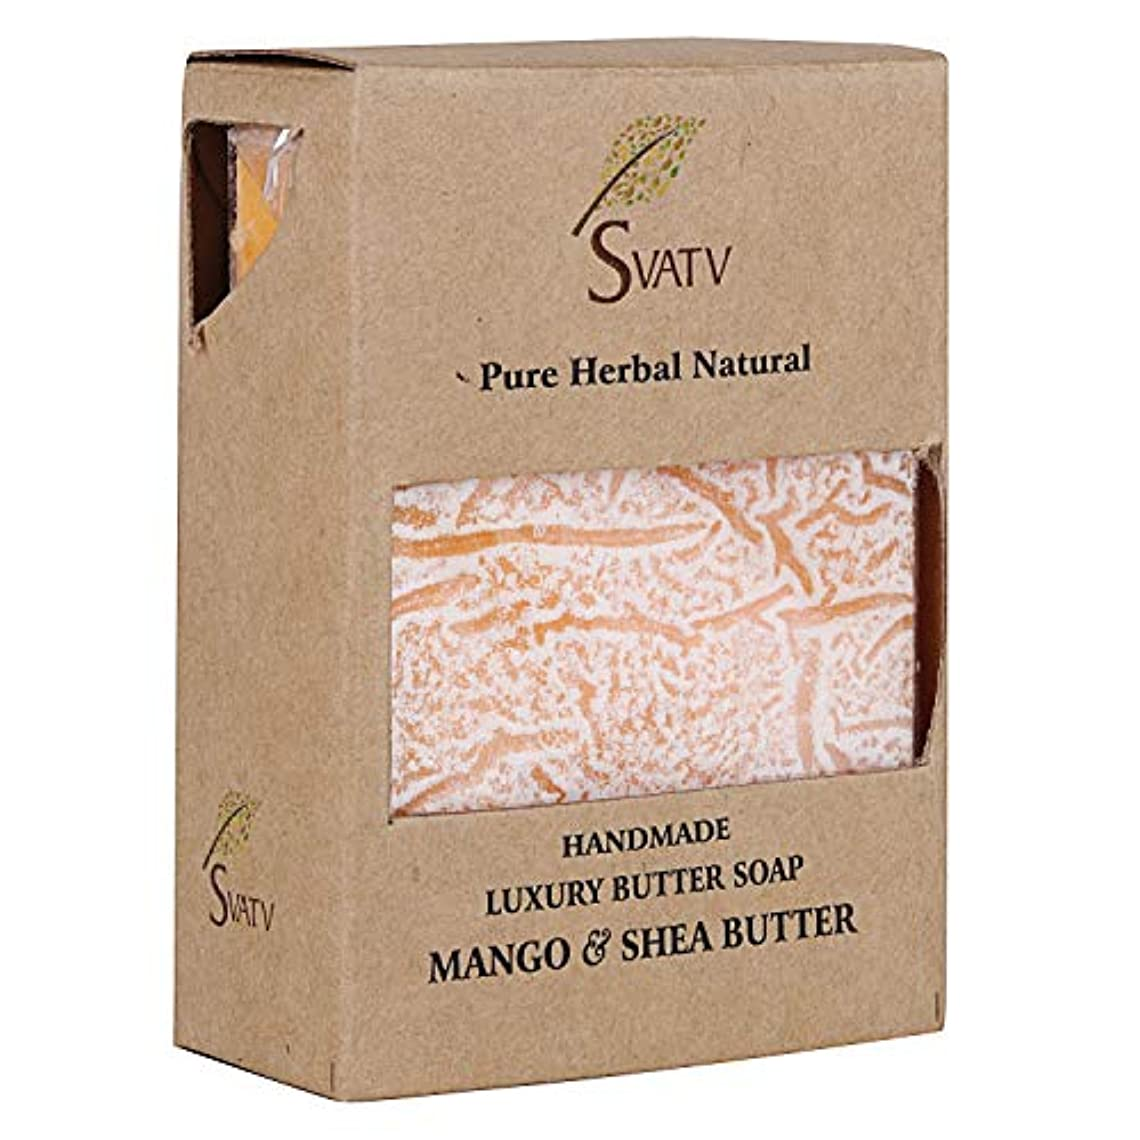 前述のアラブサラボラブSVATV Handmade Luxury Butter Soap Mango & Shea Butter For All Skin types 100g Bar